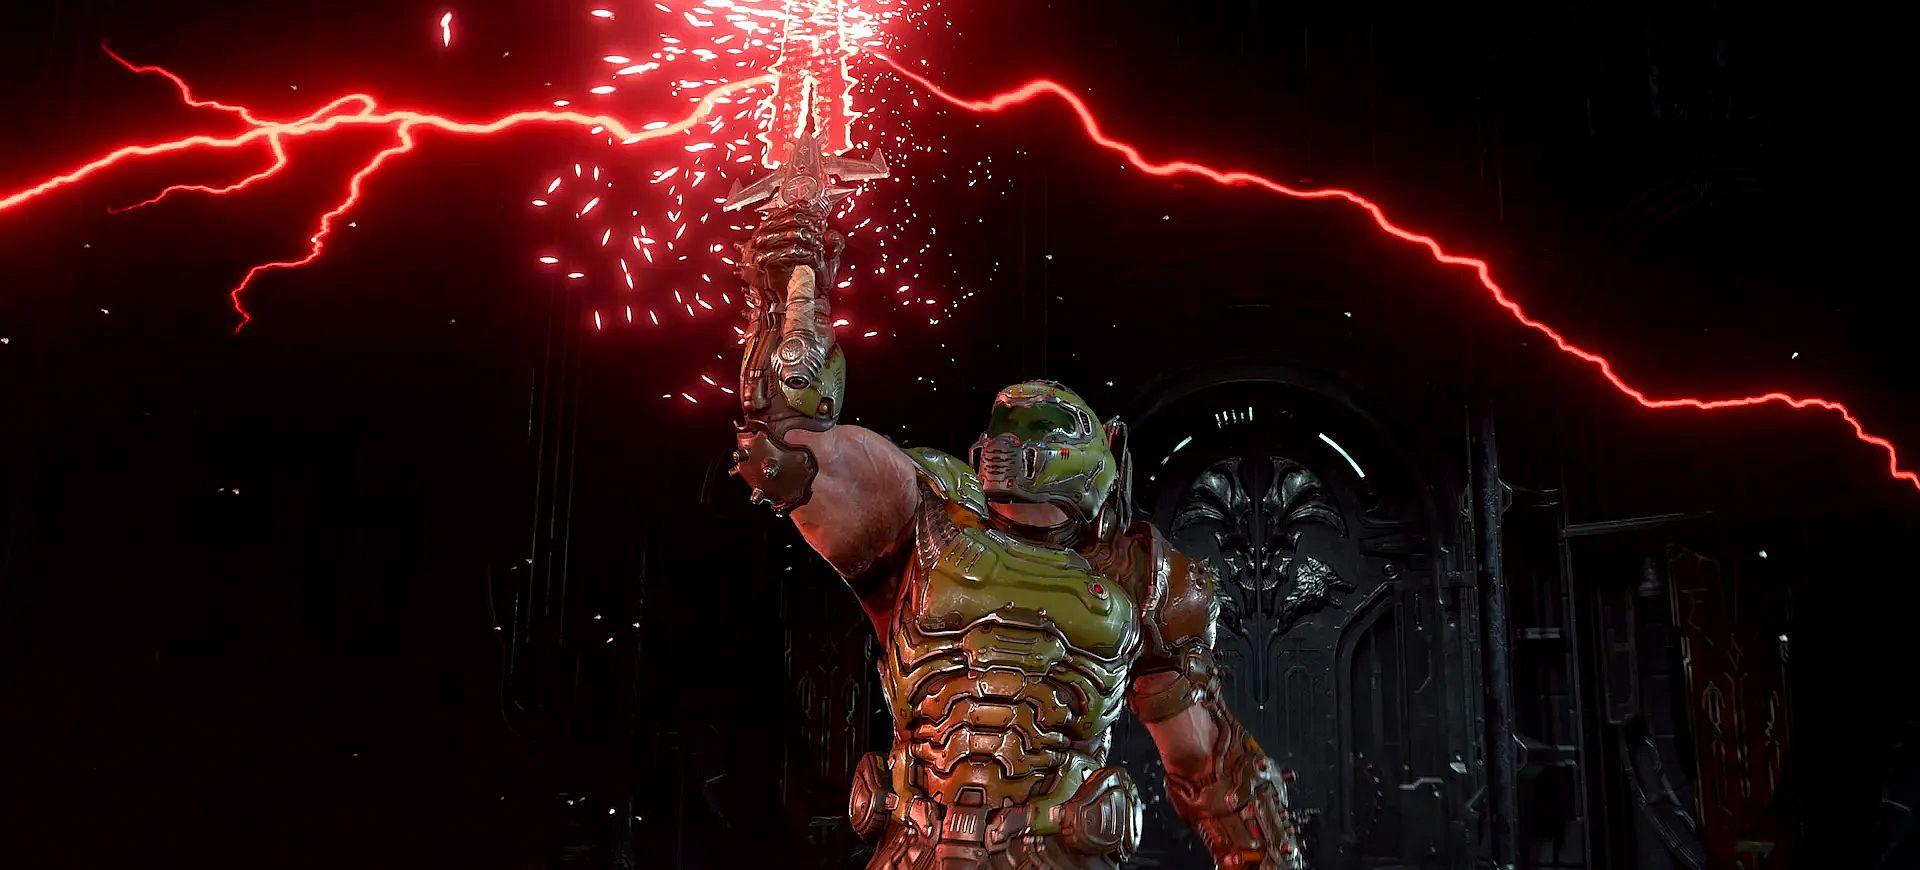 Especificaciones de Doom Eternal PC: aquí están los requisitos mínimos y recomendados